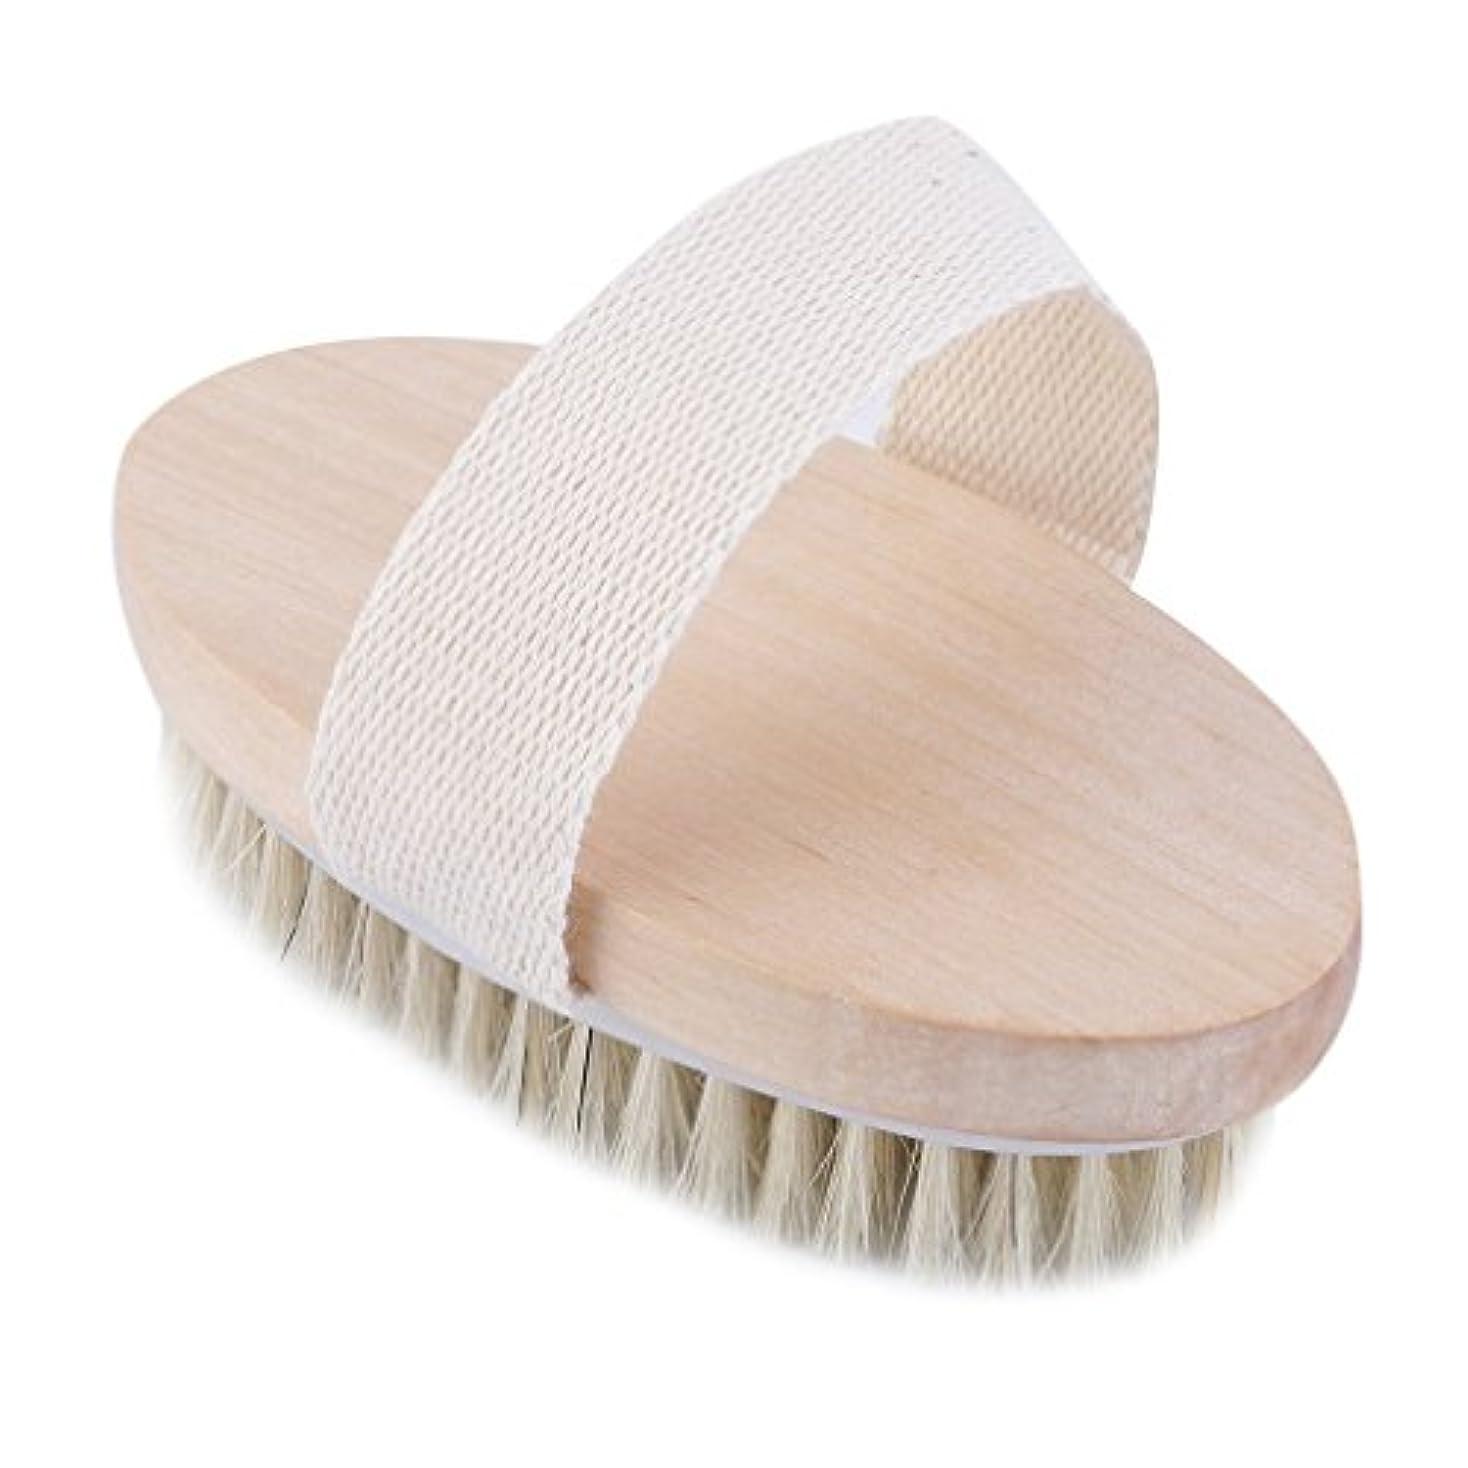 透過性マージ圧縮uzinby 豚毛 天然素材 木製 短柄 ボディブラシ 足を洗う 角質除去 美肌 バス用品